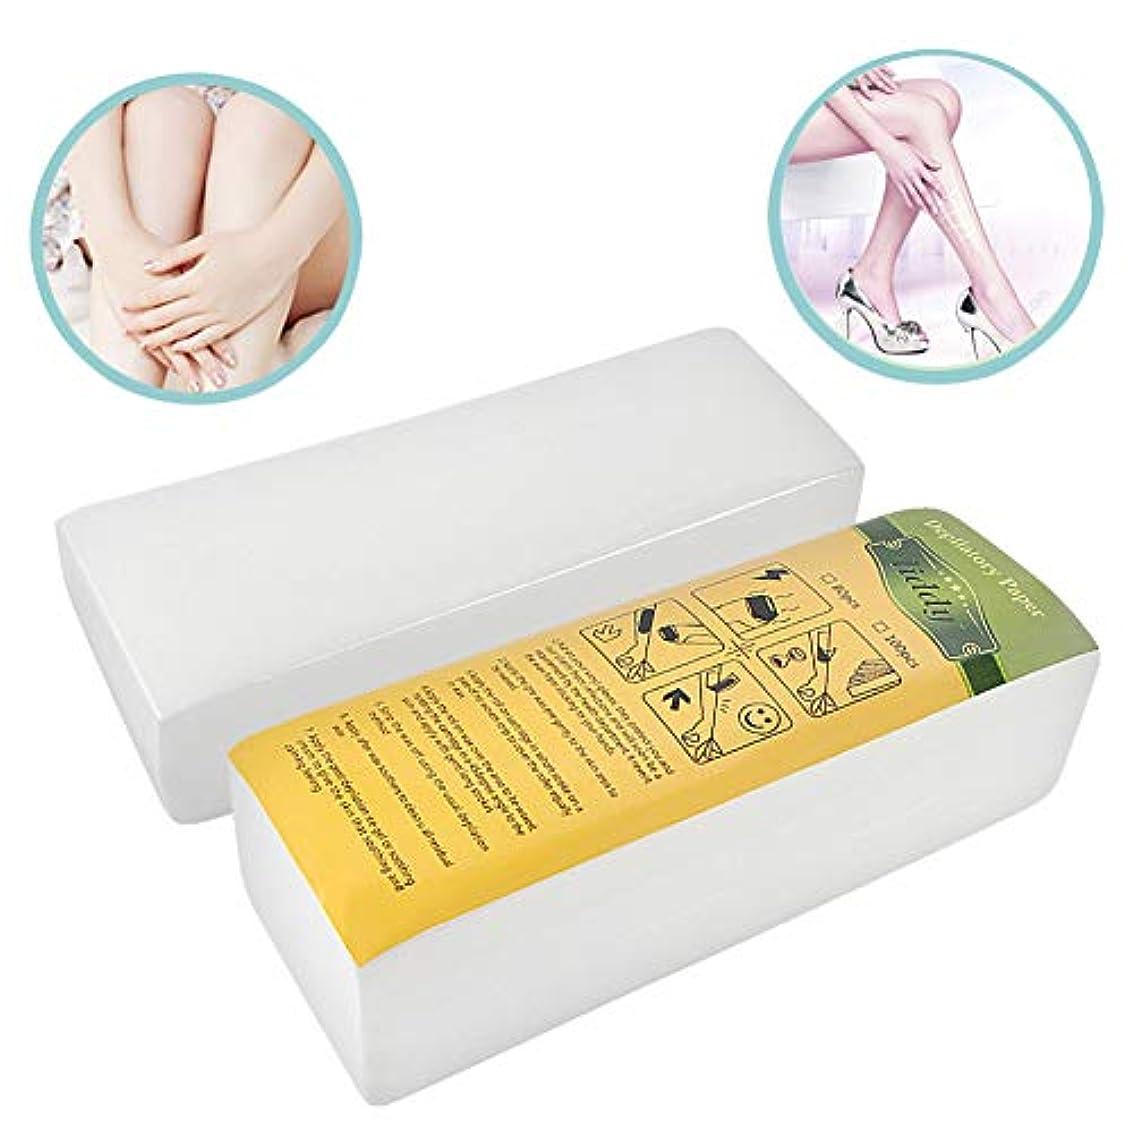 影響薬局棚100個 蜜蝋 脱毛紙 不織布 脱毛器 腕、脚、脇の下、顔に適しています